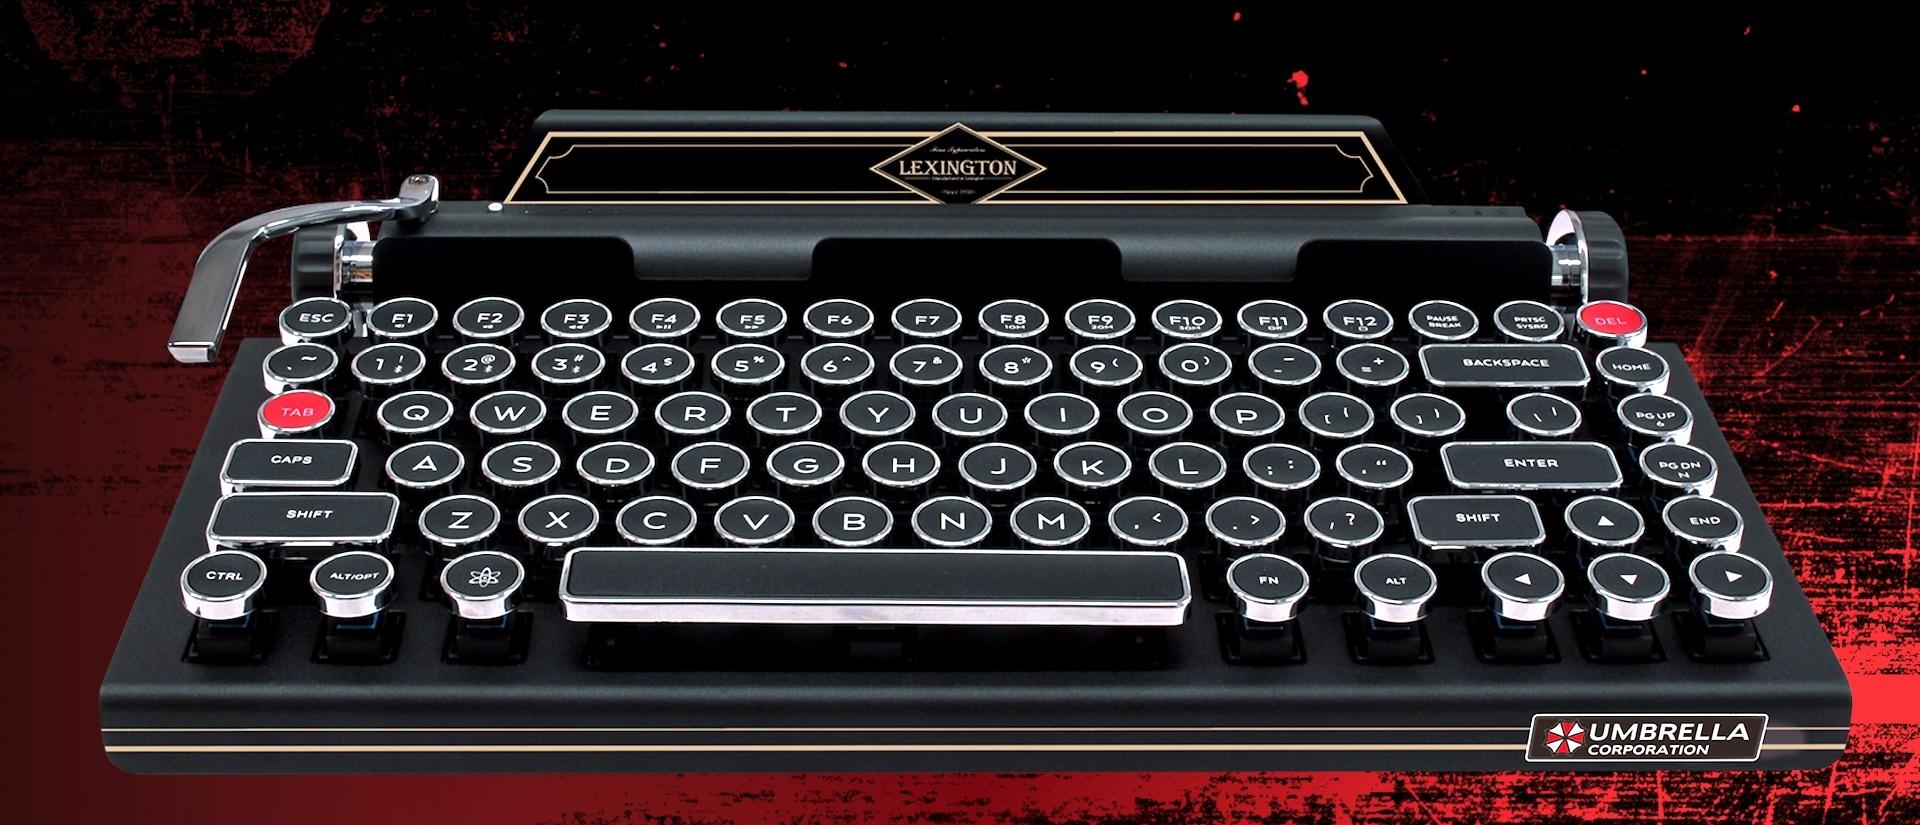 Resident Evil 2 macchina da scrivere